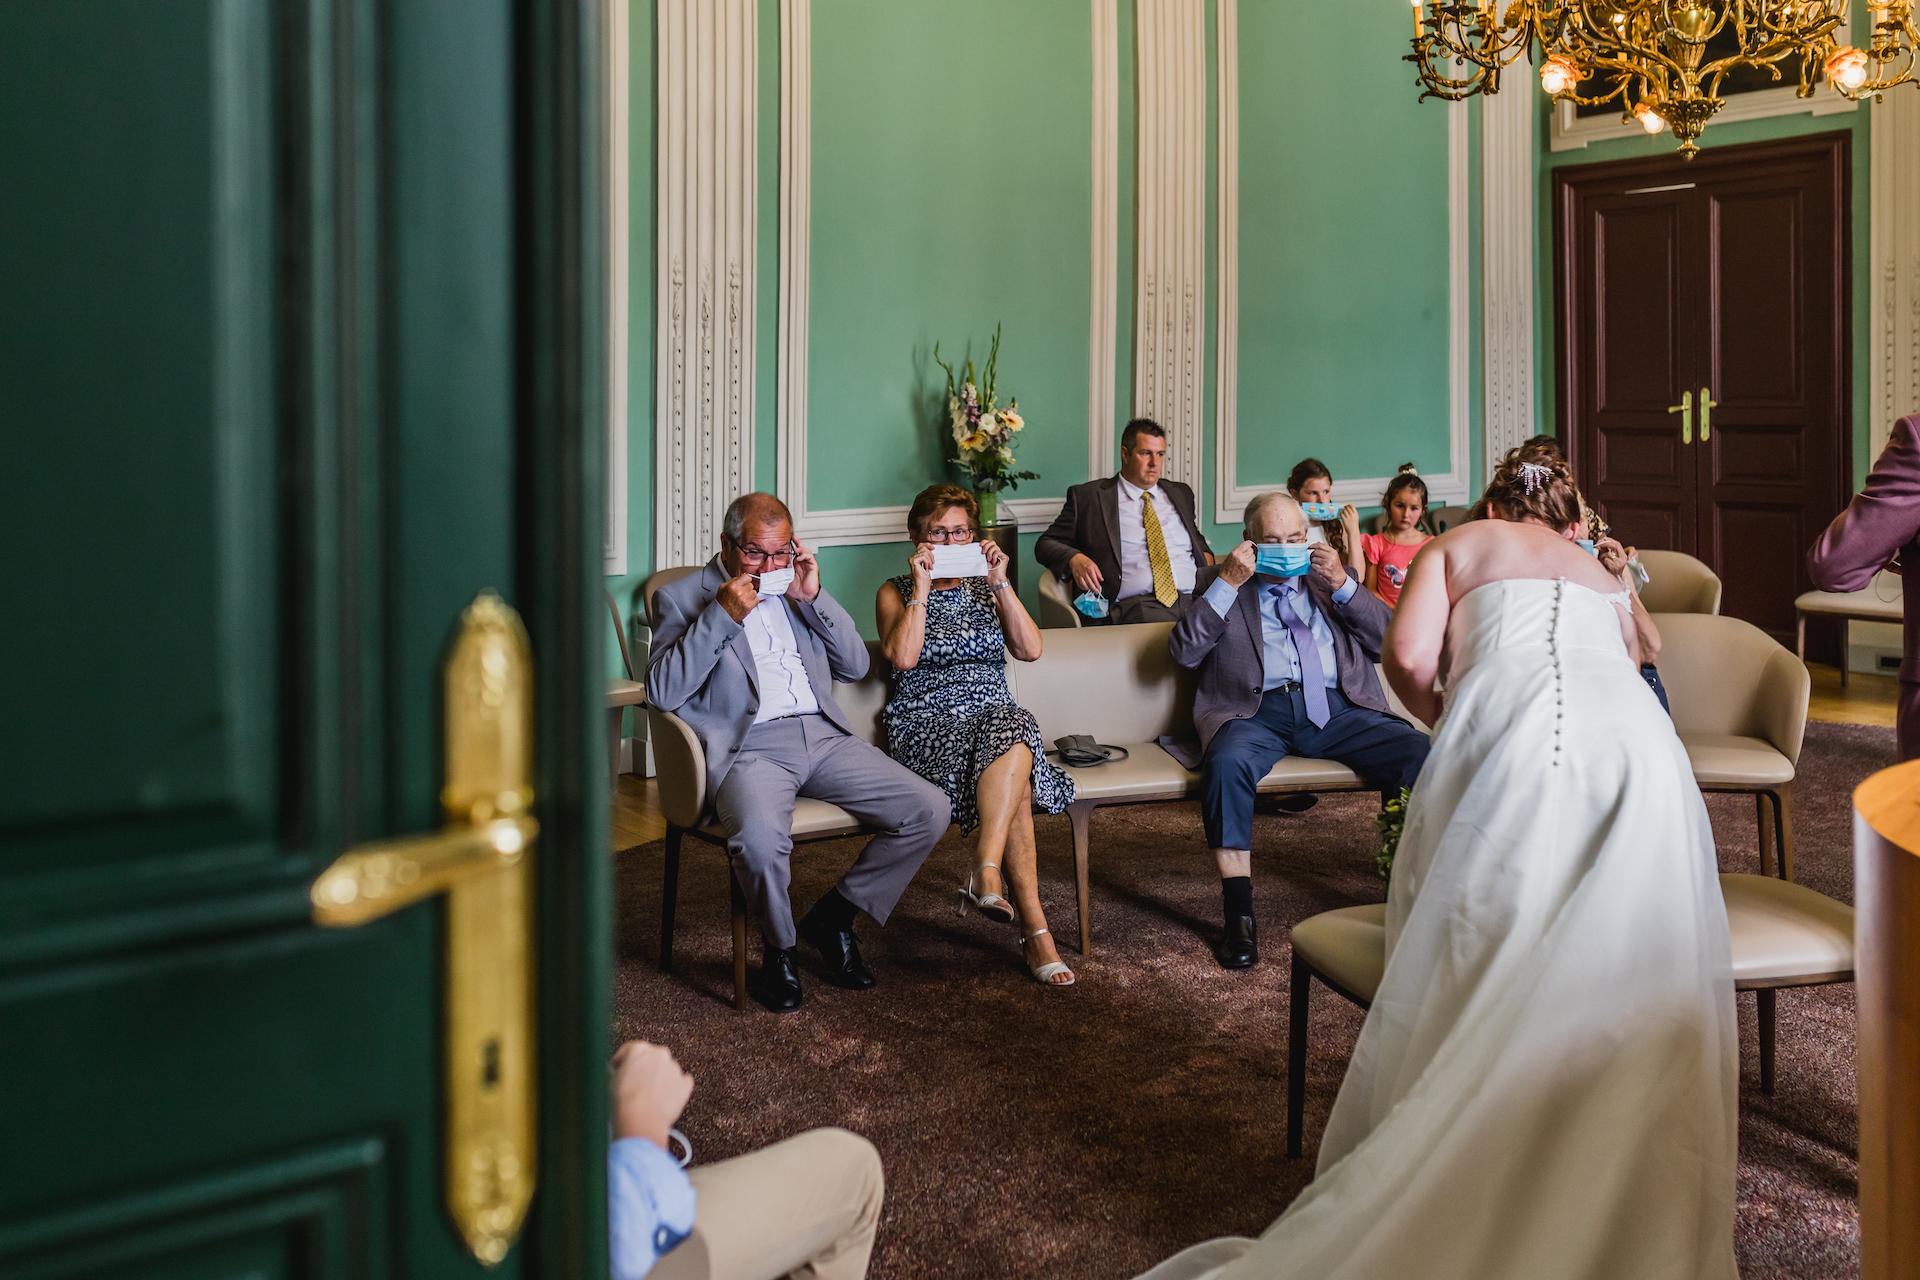 Ayuntamiento de Sint-Truiden - Imagen de la ceremonia de fuga de Bruselas COVID-19 | Los invitados a la boda se ponen sus mascarillas